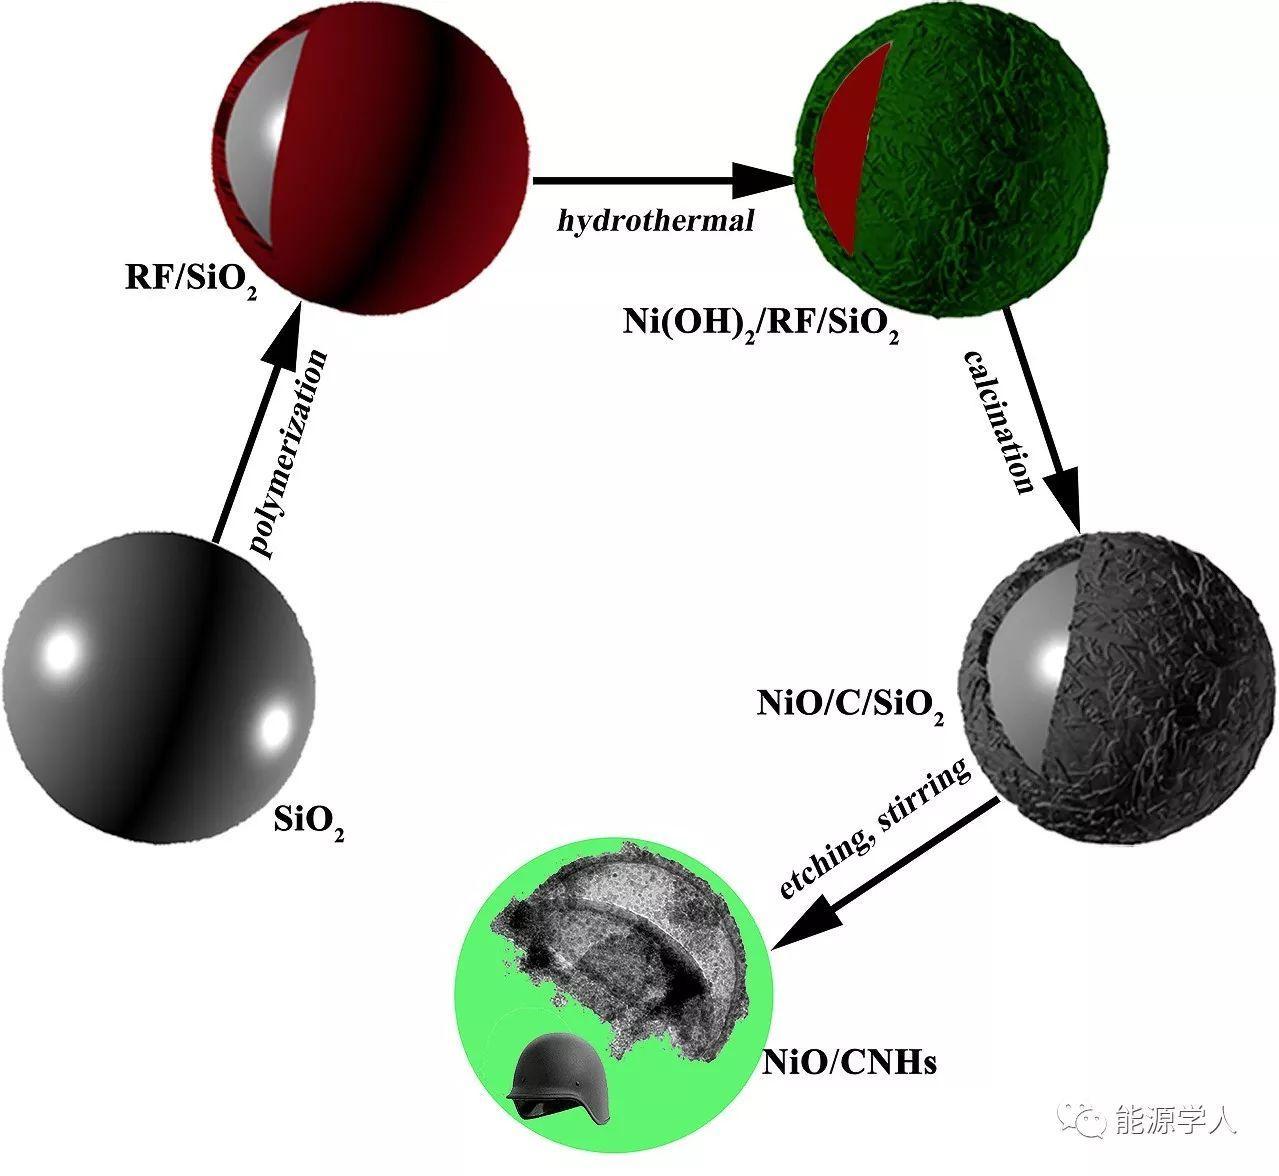 开放式头盔状碳骨架的合成及其在锂离子电池中的应用